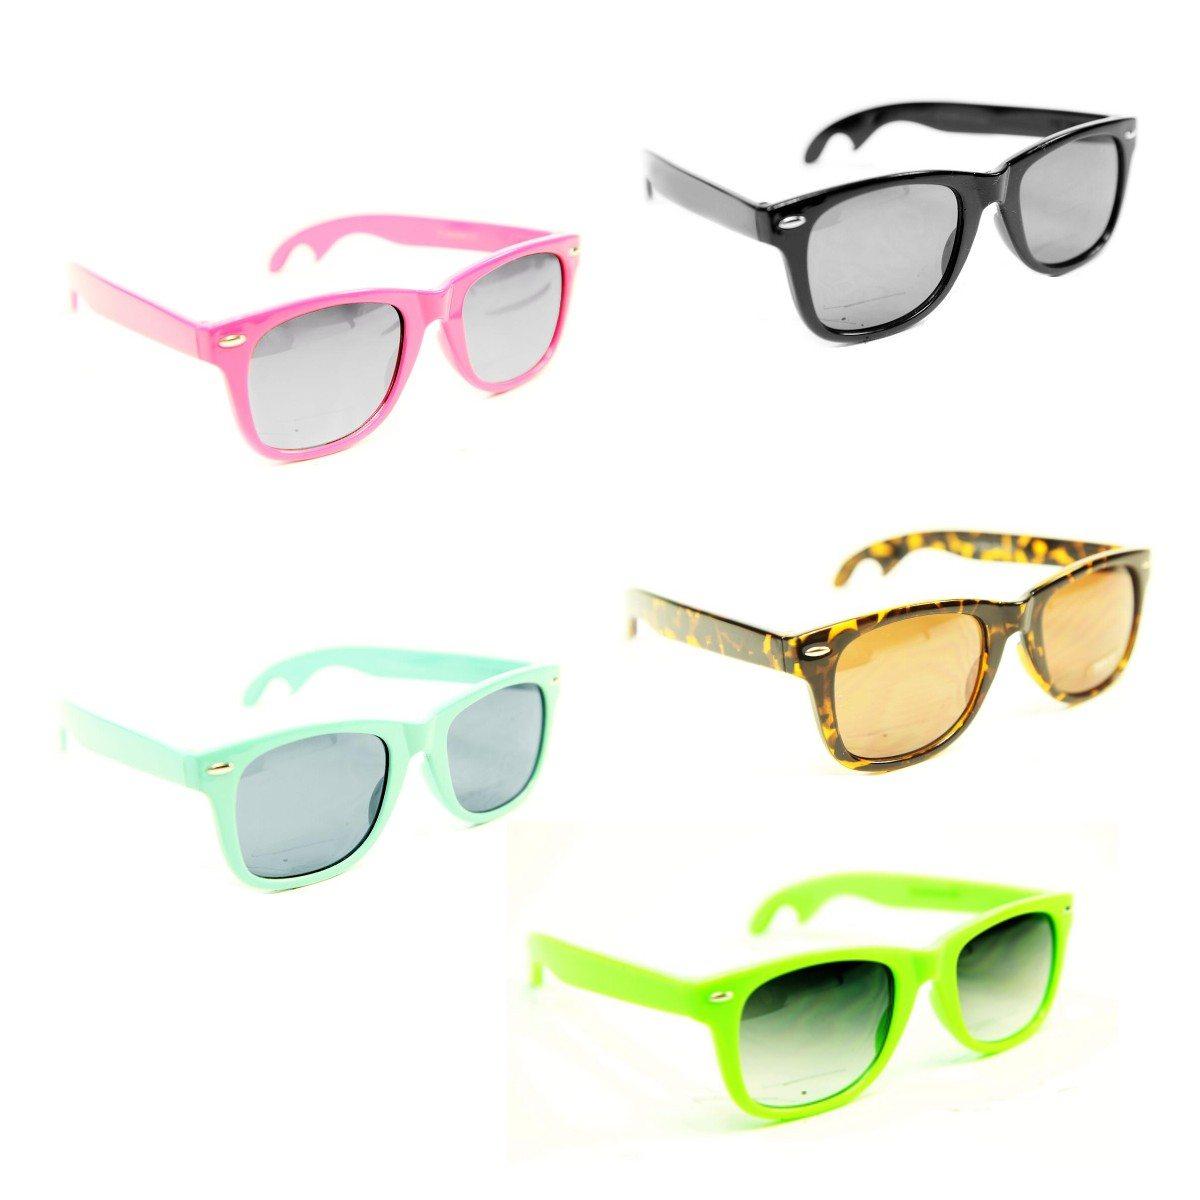 Sonnenbrille mit Flaschenöffner